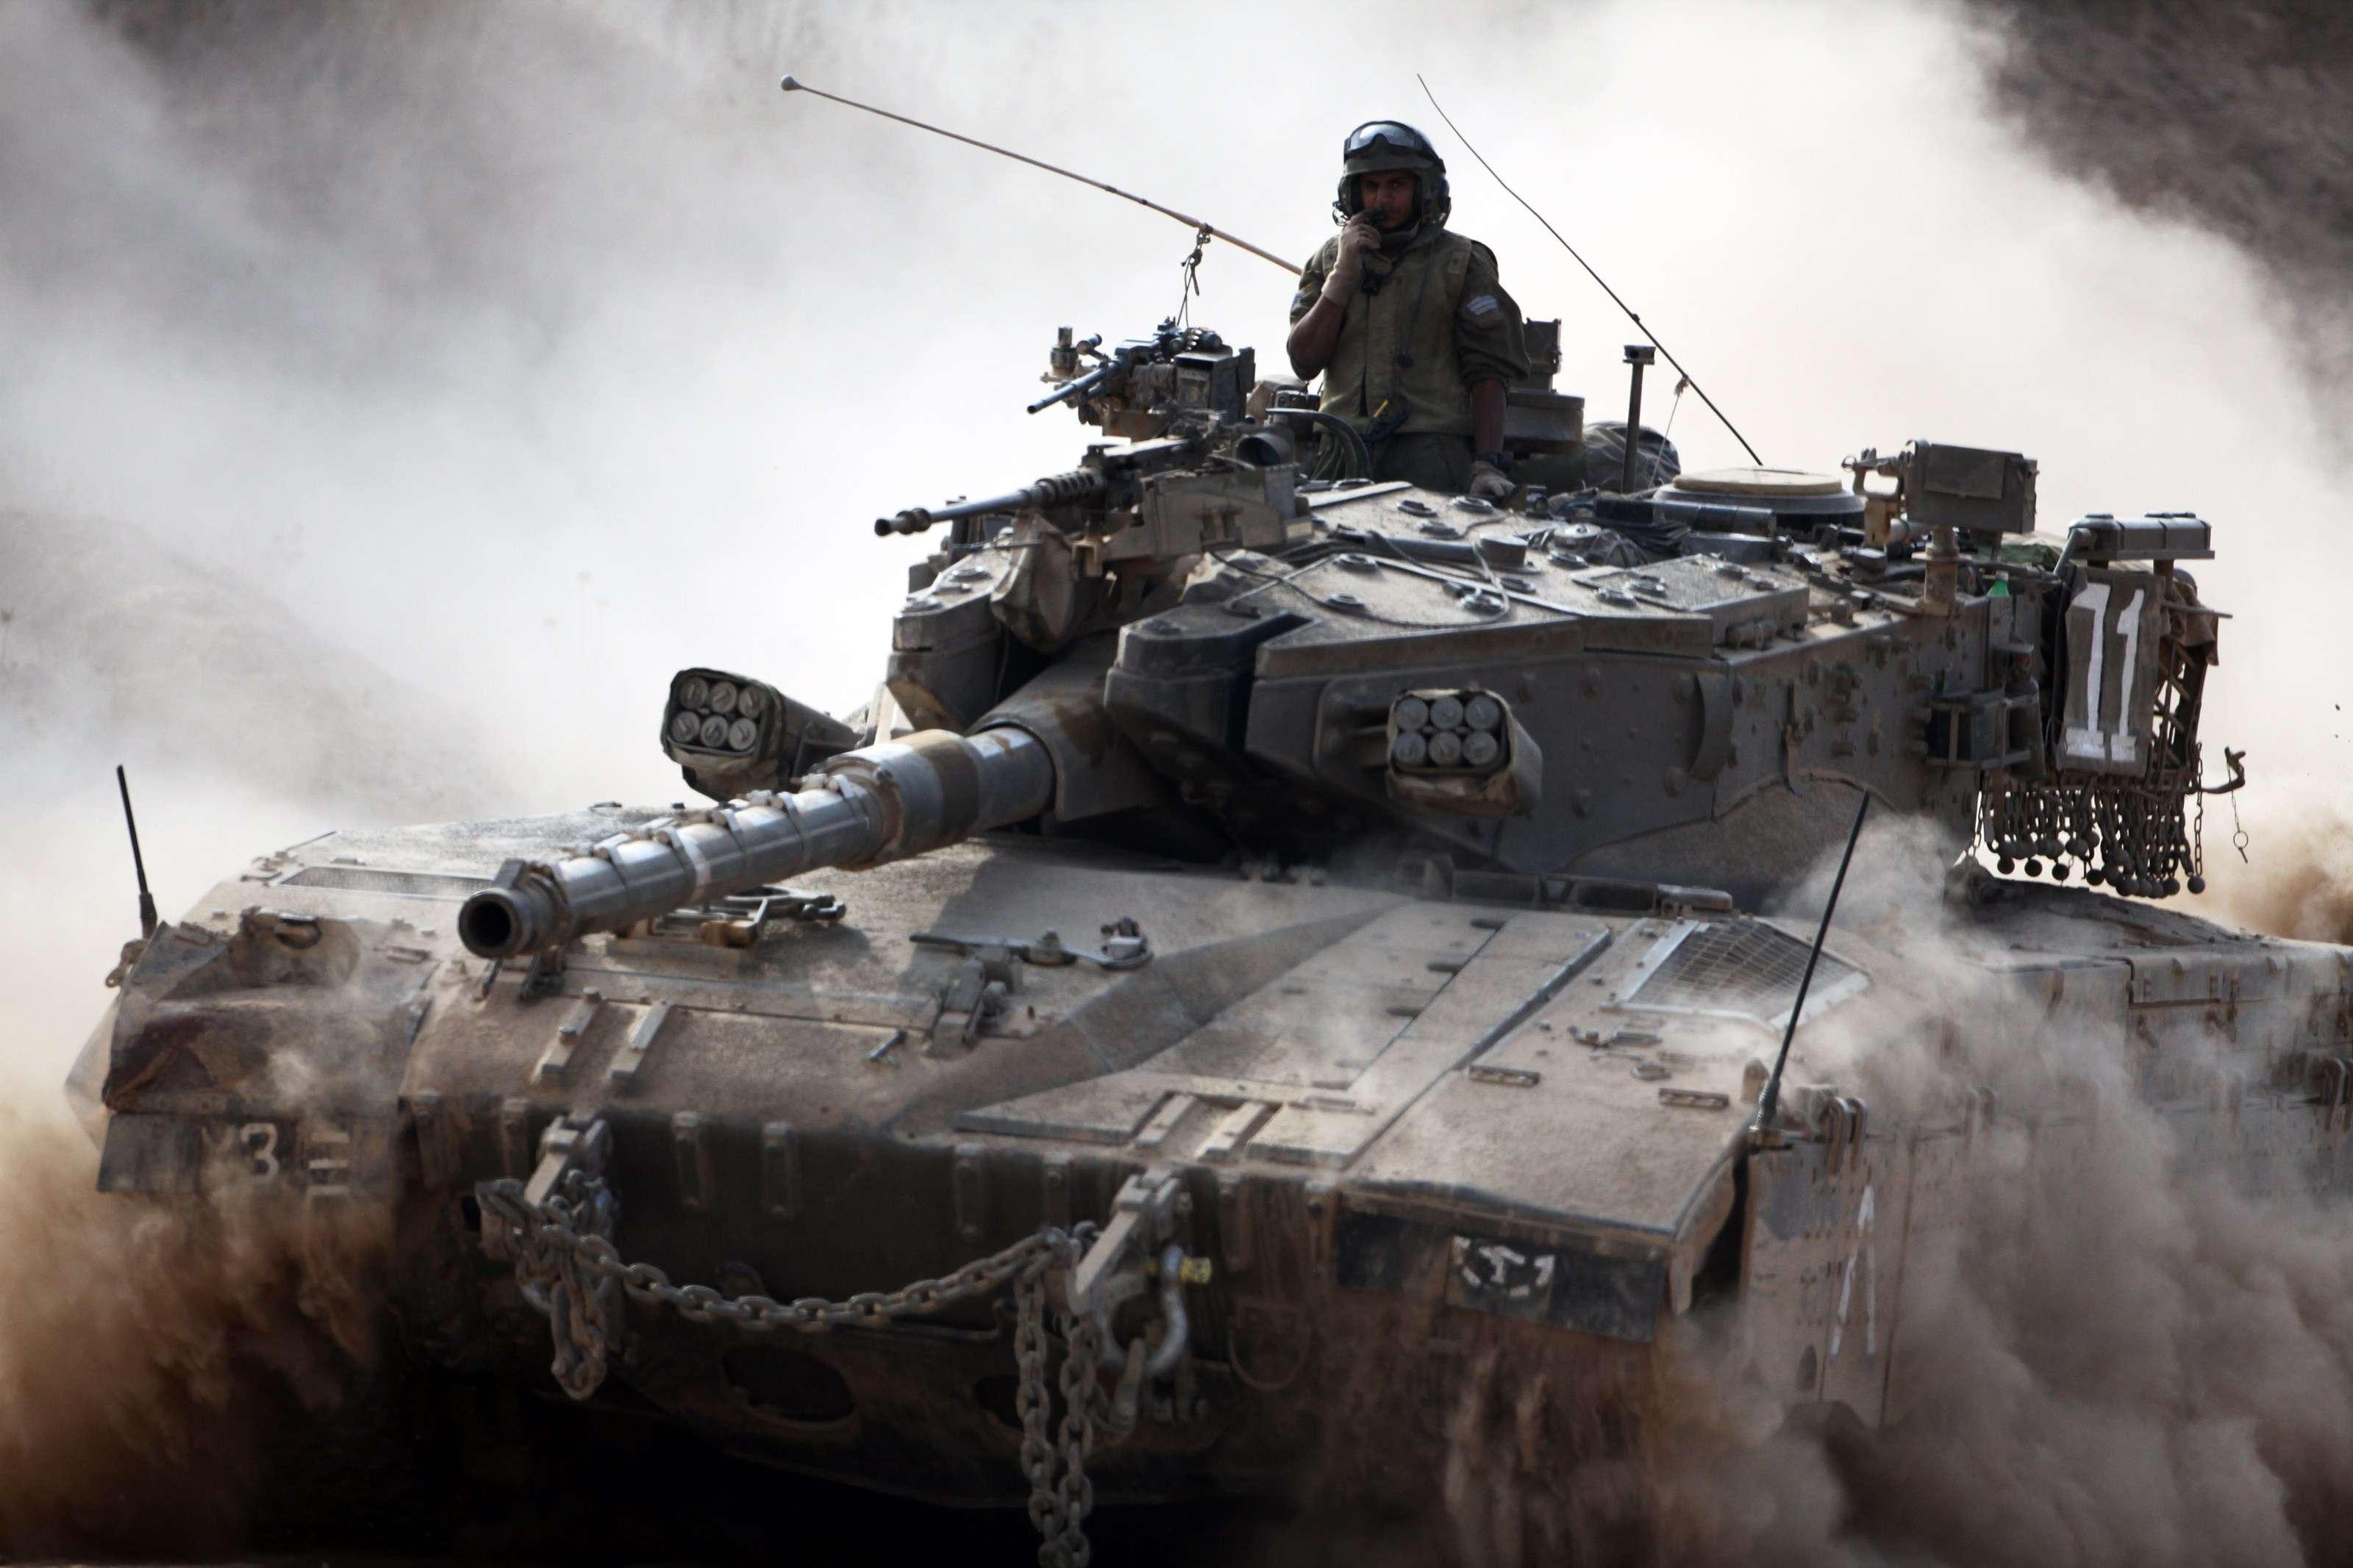 Conoce los 11 ejércitos más poderosos del mundo